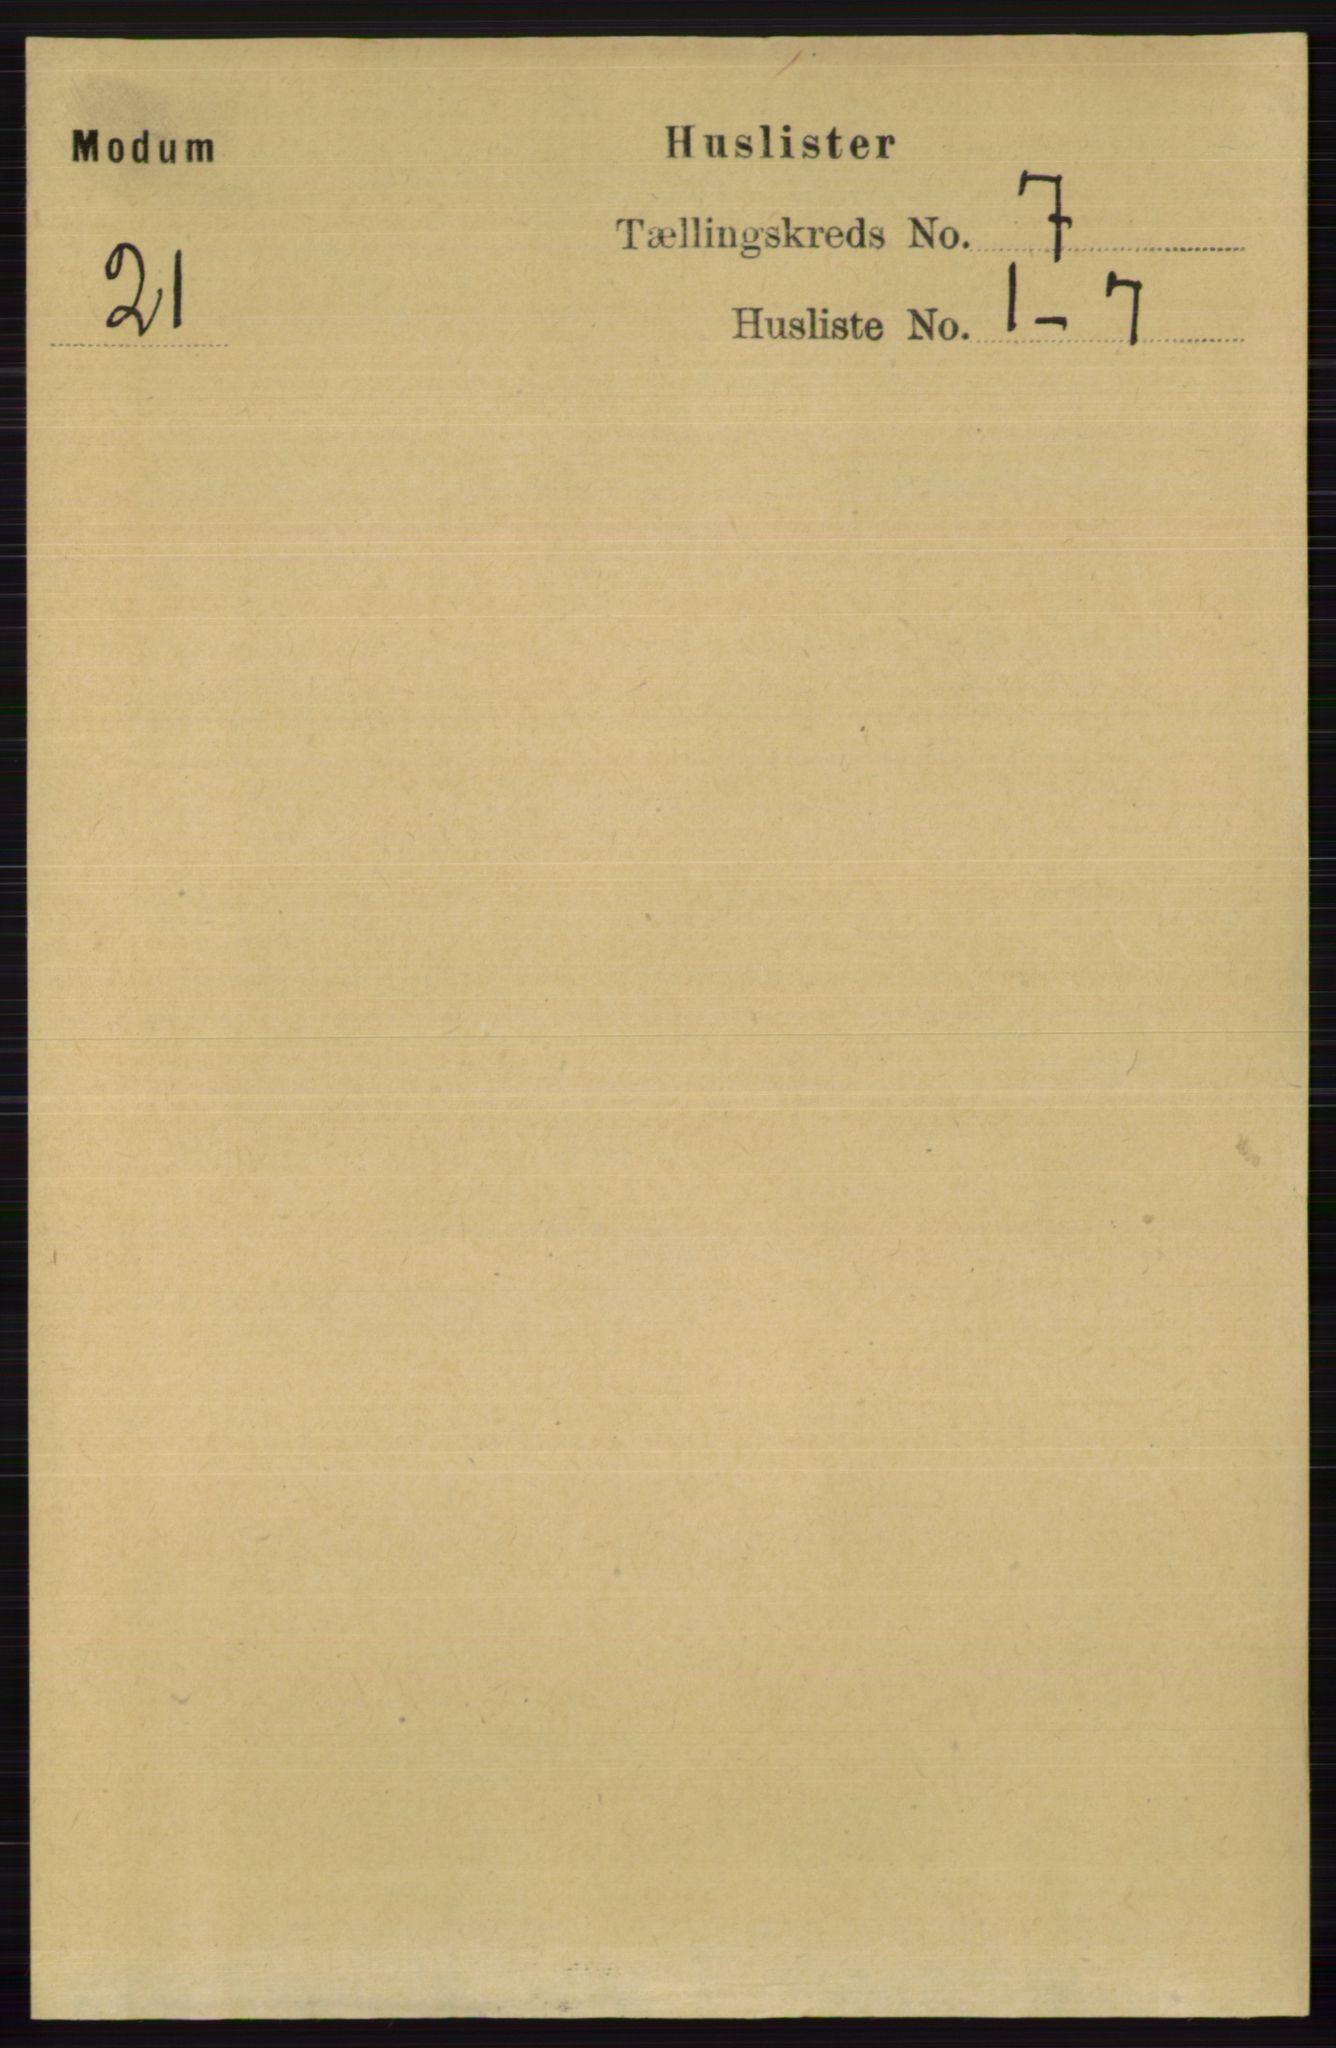 RA, Folketelling 1891 for 0623 Modum herred, 1891, s. 2717